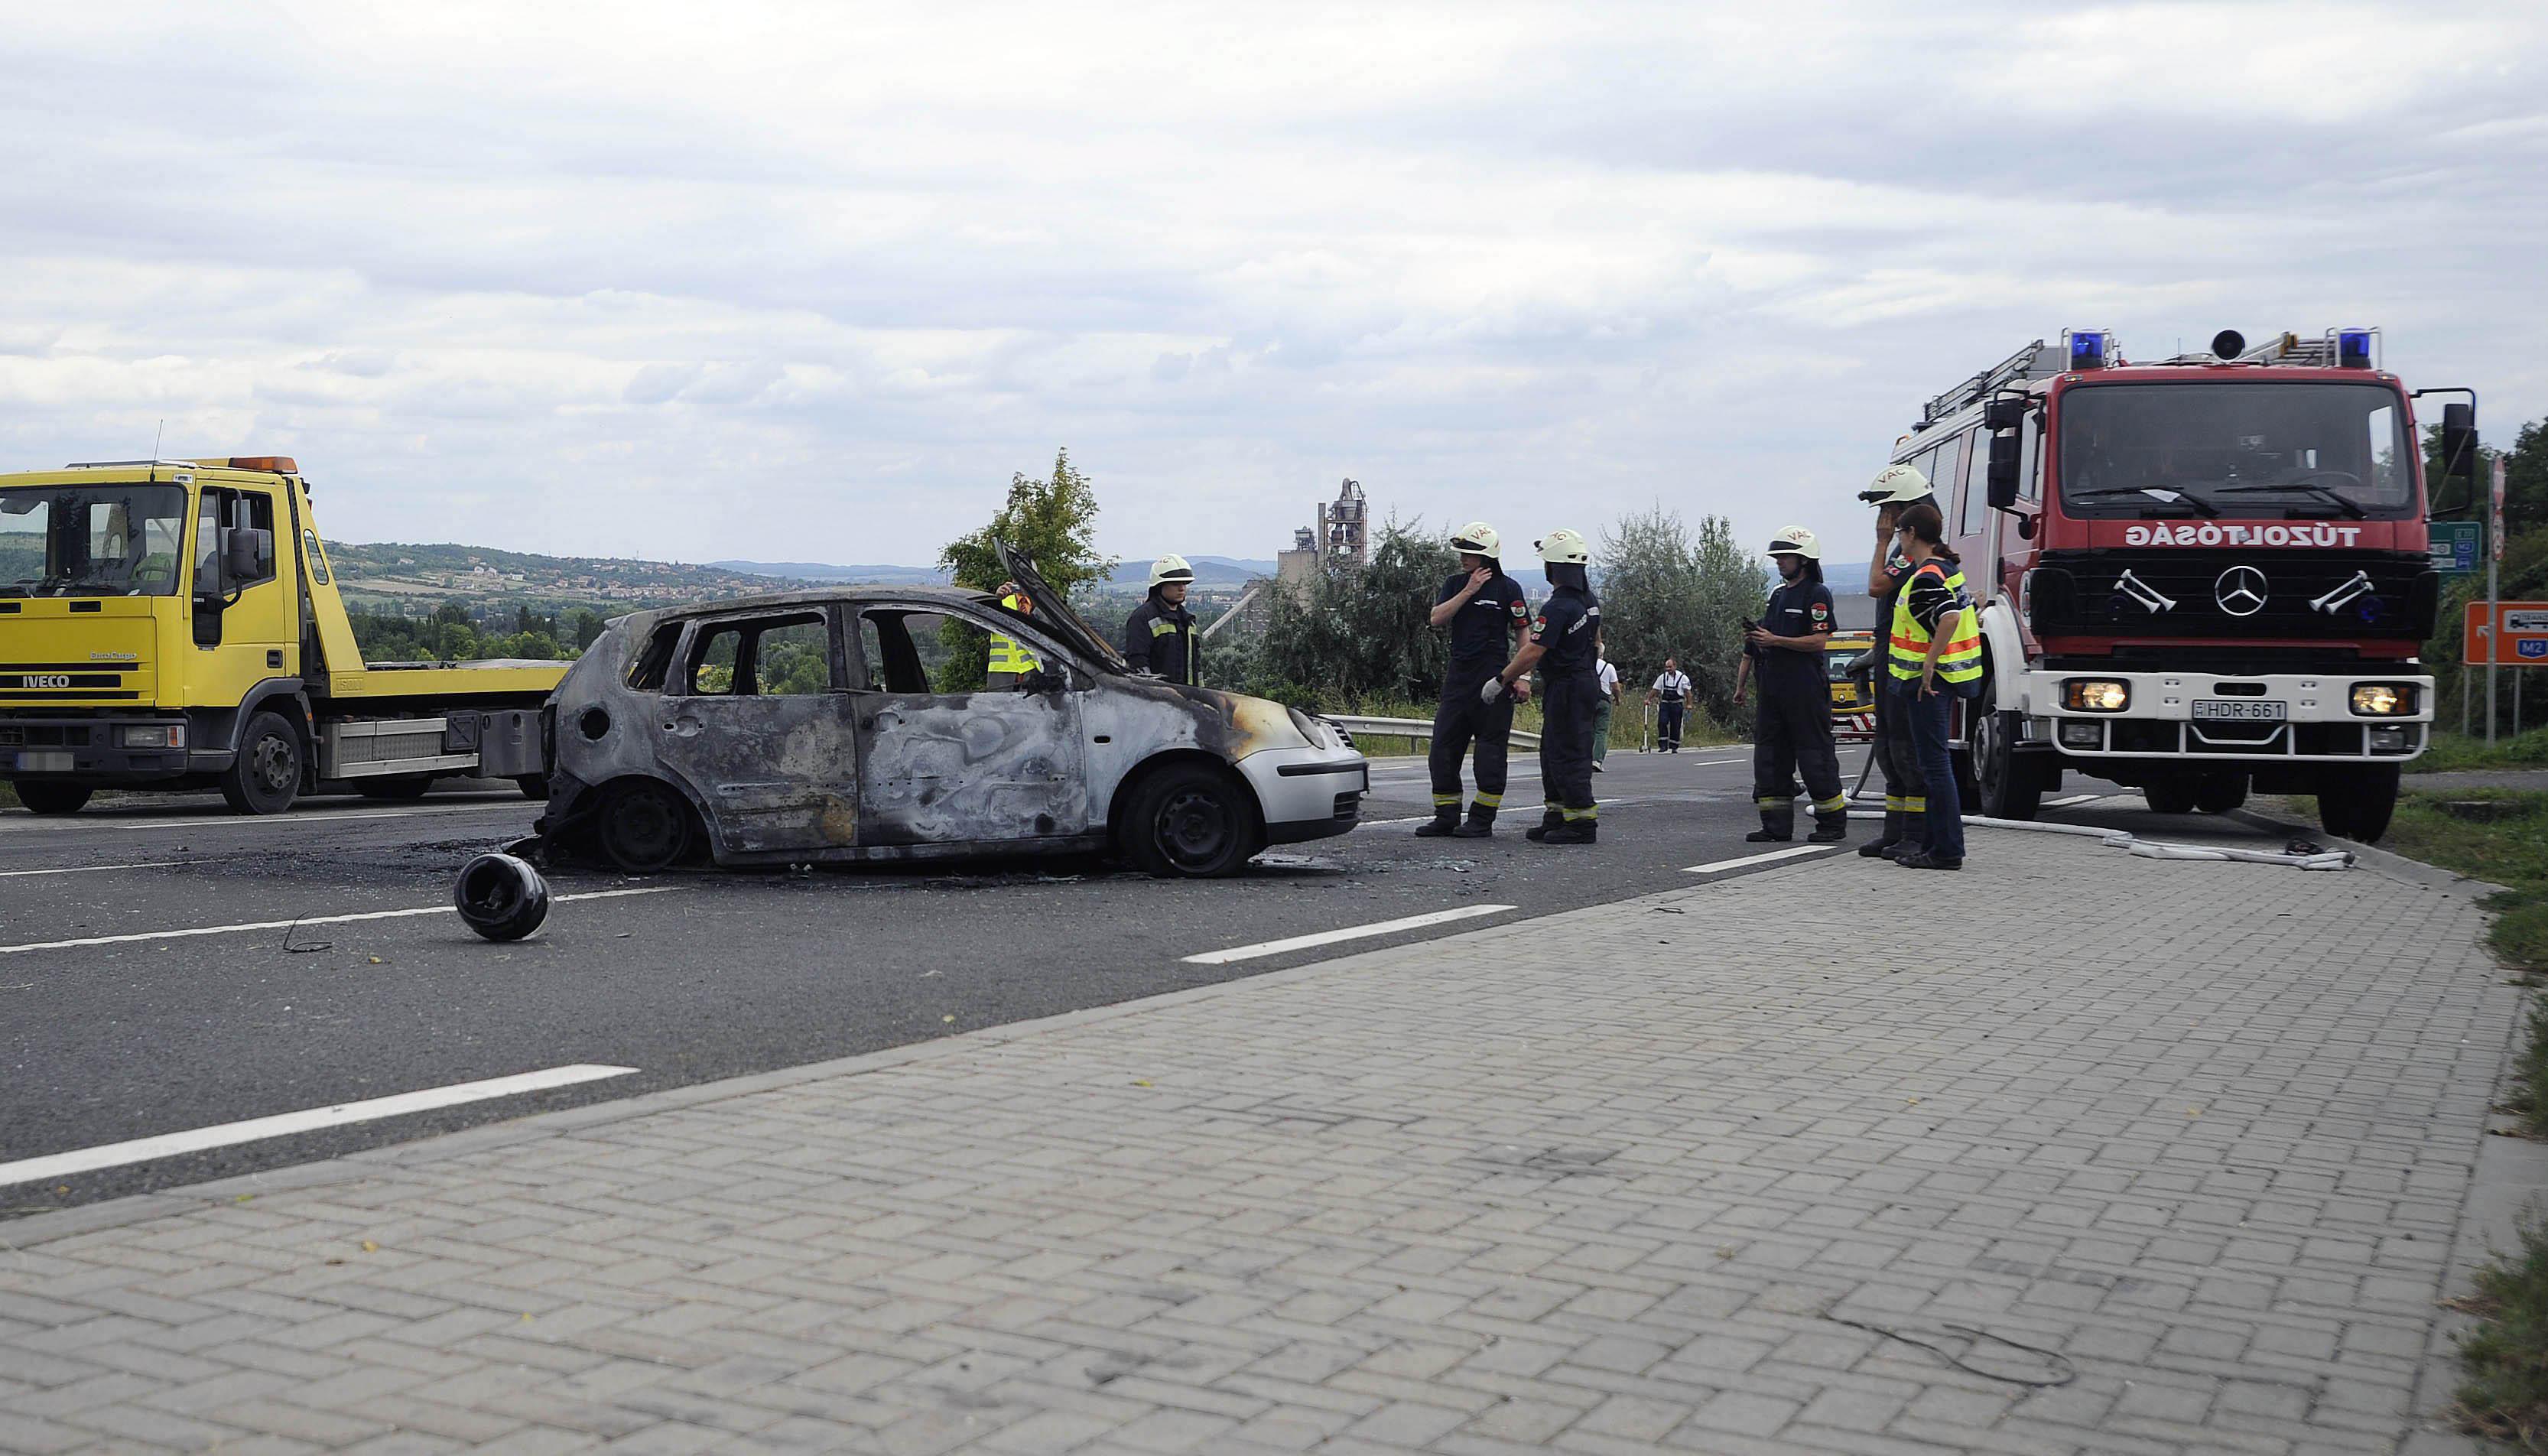 Vác, 2016. augusztus 13. Rendőr és tűzoltók egy kiégett személyautónál a 2-es főúton Vác térségében, ahol a személygépkocsi egy motorossal ütközött össze 2016. augusztus 13-án. A balesetben mindkét jármű kigyulladt, a motorkerékpár vezetője életét vesztette, utasa súlyosan megsérült. Az autóban ülők közül egy férfi súlyosan, két nő könnyebben megsérült. MTI Fotó: Mihádák Zoltán